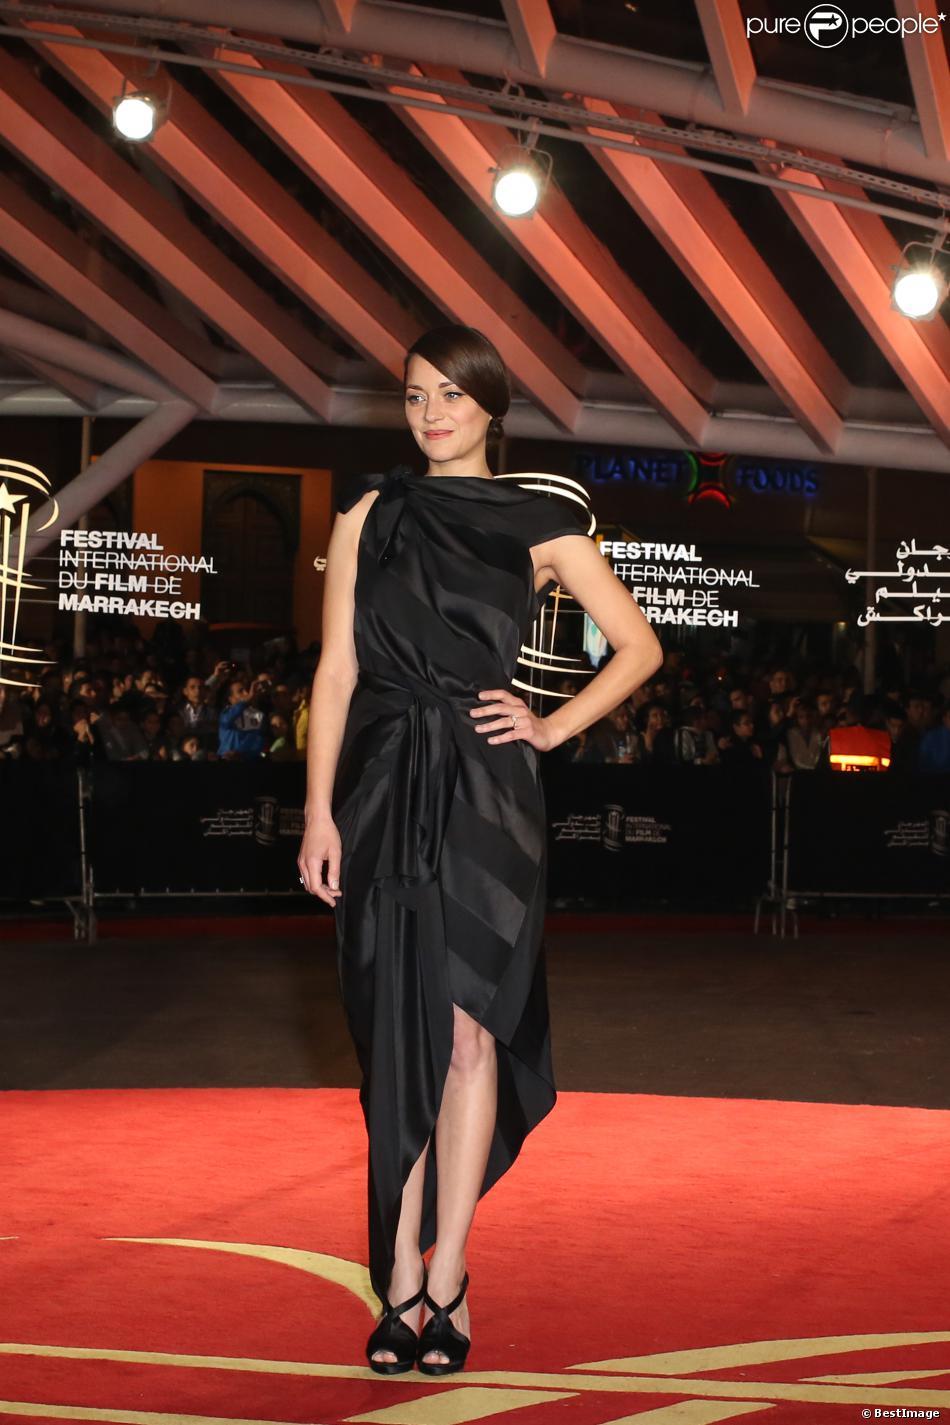 Marion Cotillard lors de la cérémonie de clôture du 13e Festival International du Film de Marrakech le 7 décembre 2013